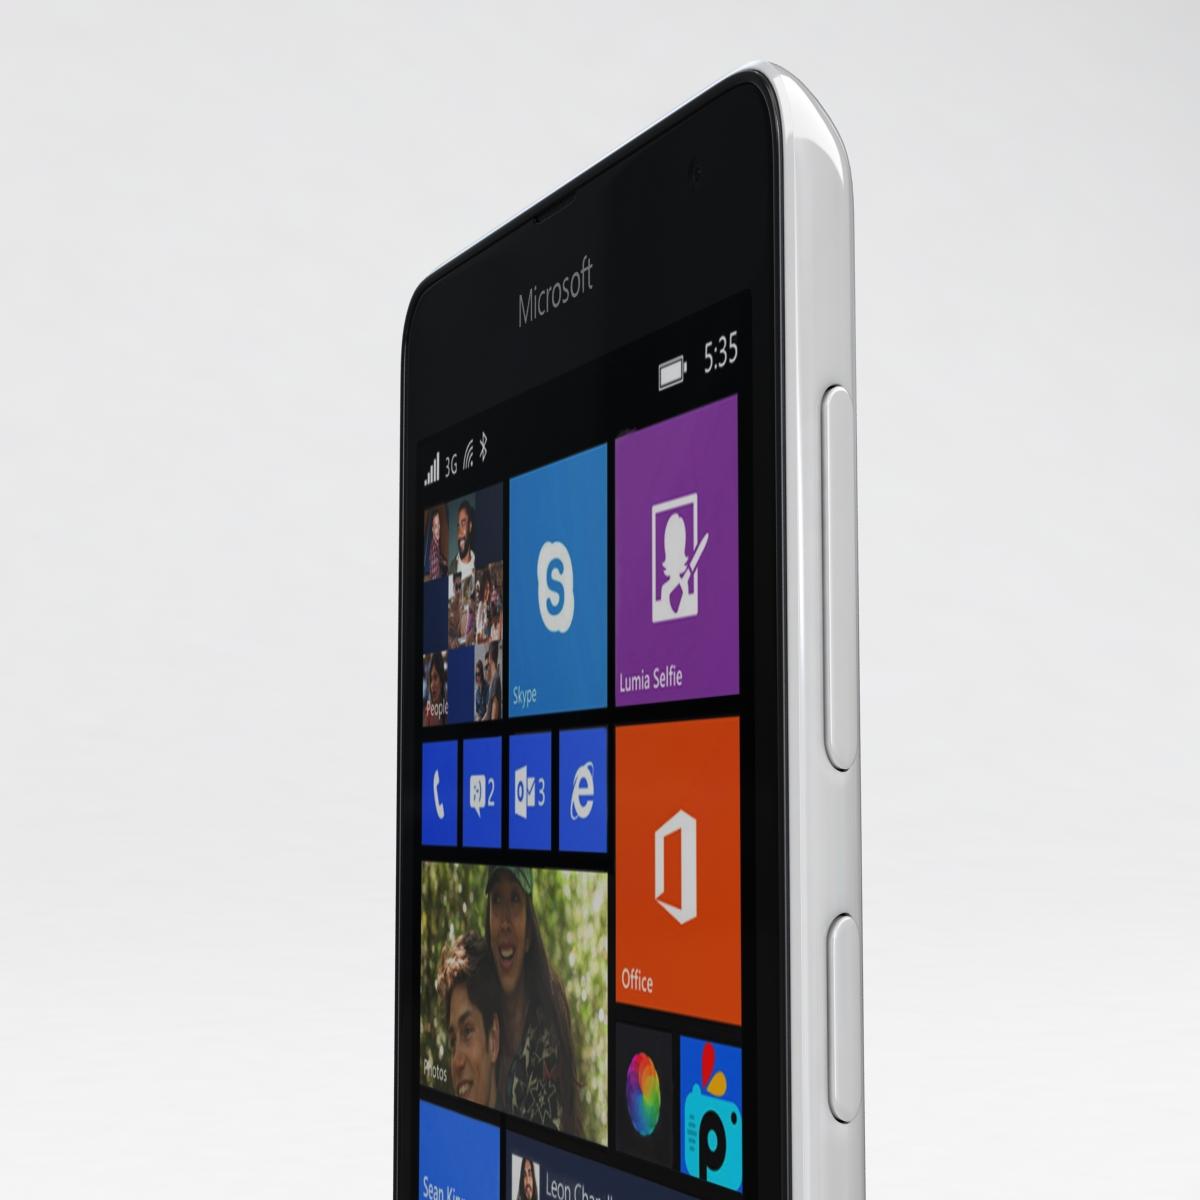 microsoft lumia 535 and dual sim all colors 3d model 3ds max fbx c4d obj 204685